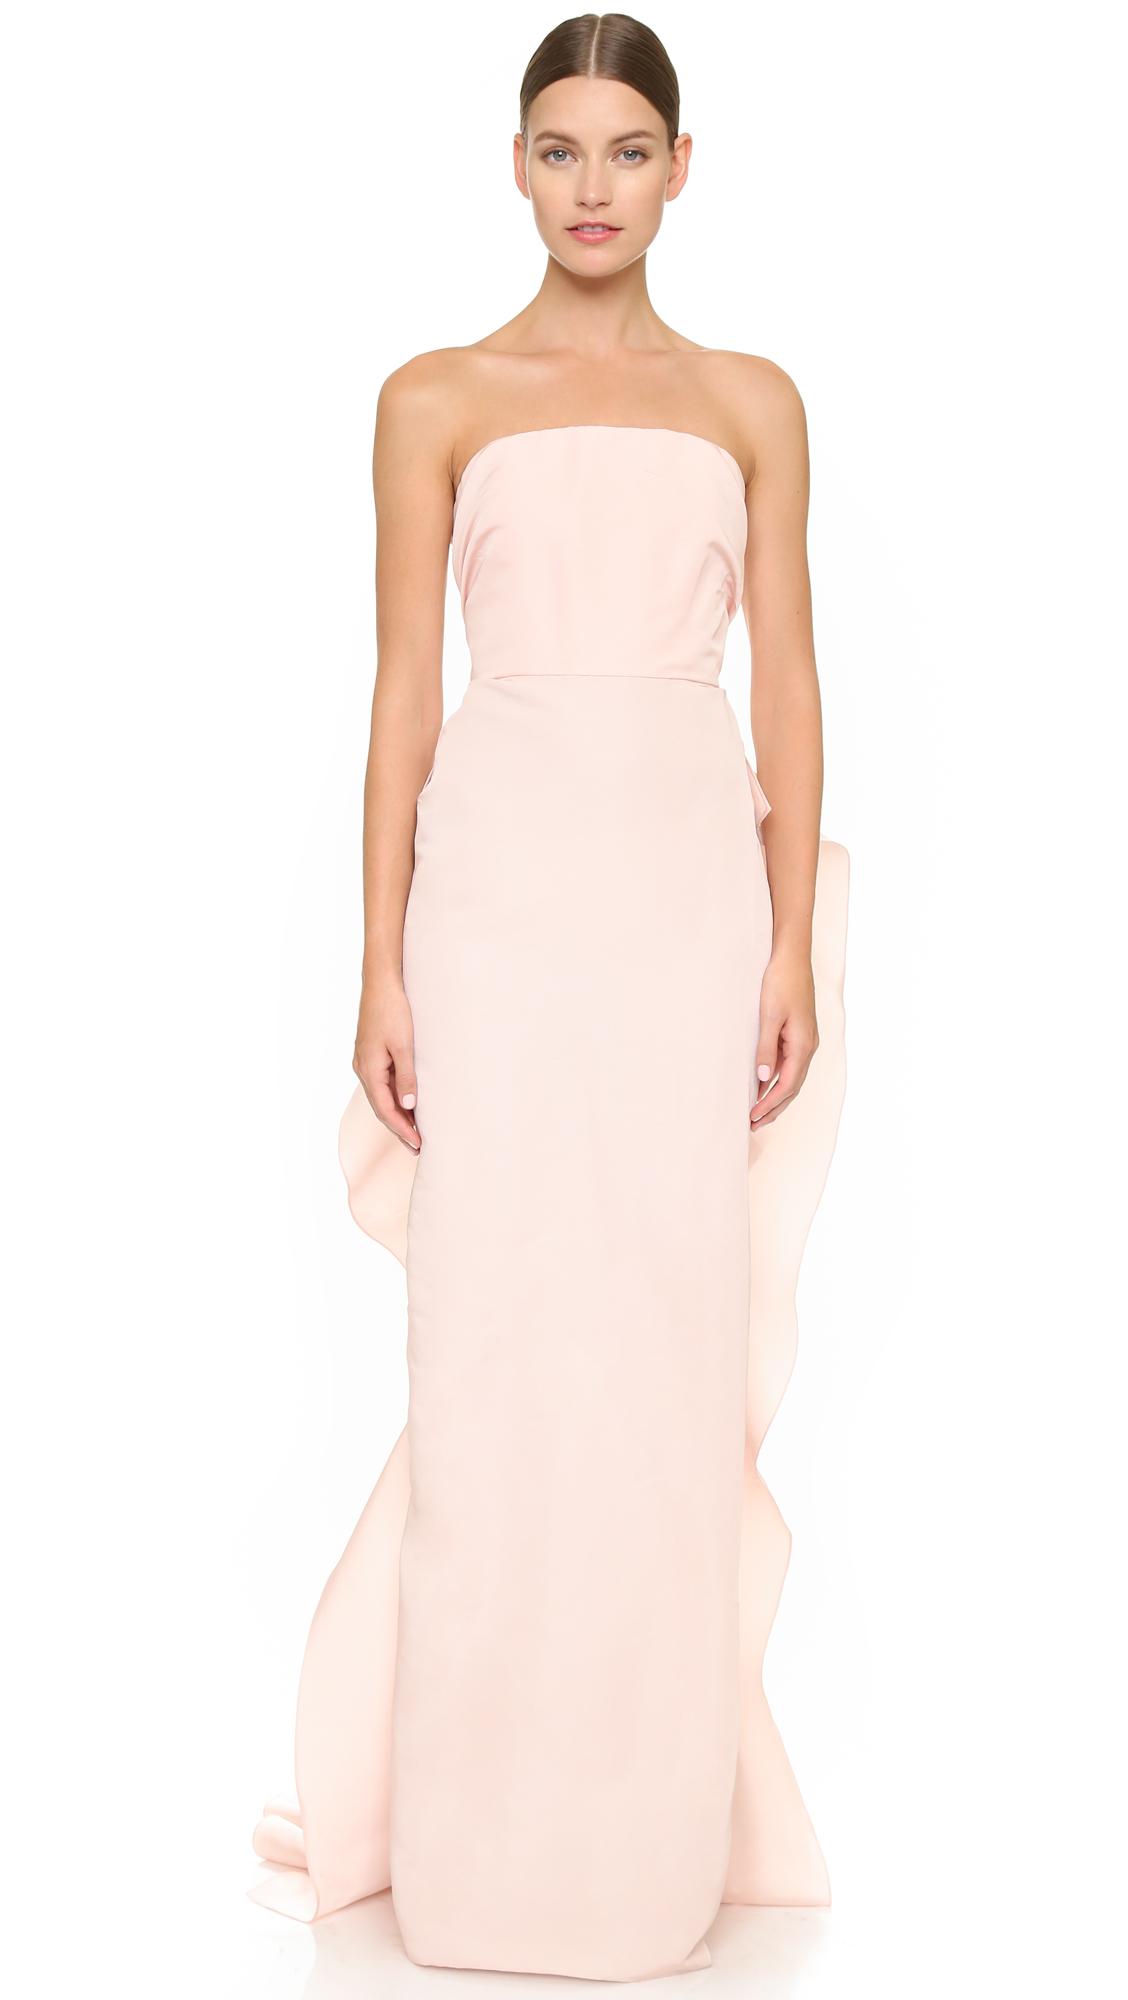 Marchesa Strapless Silk Faille Column Gown - Blush in Pink  Lyst